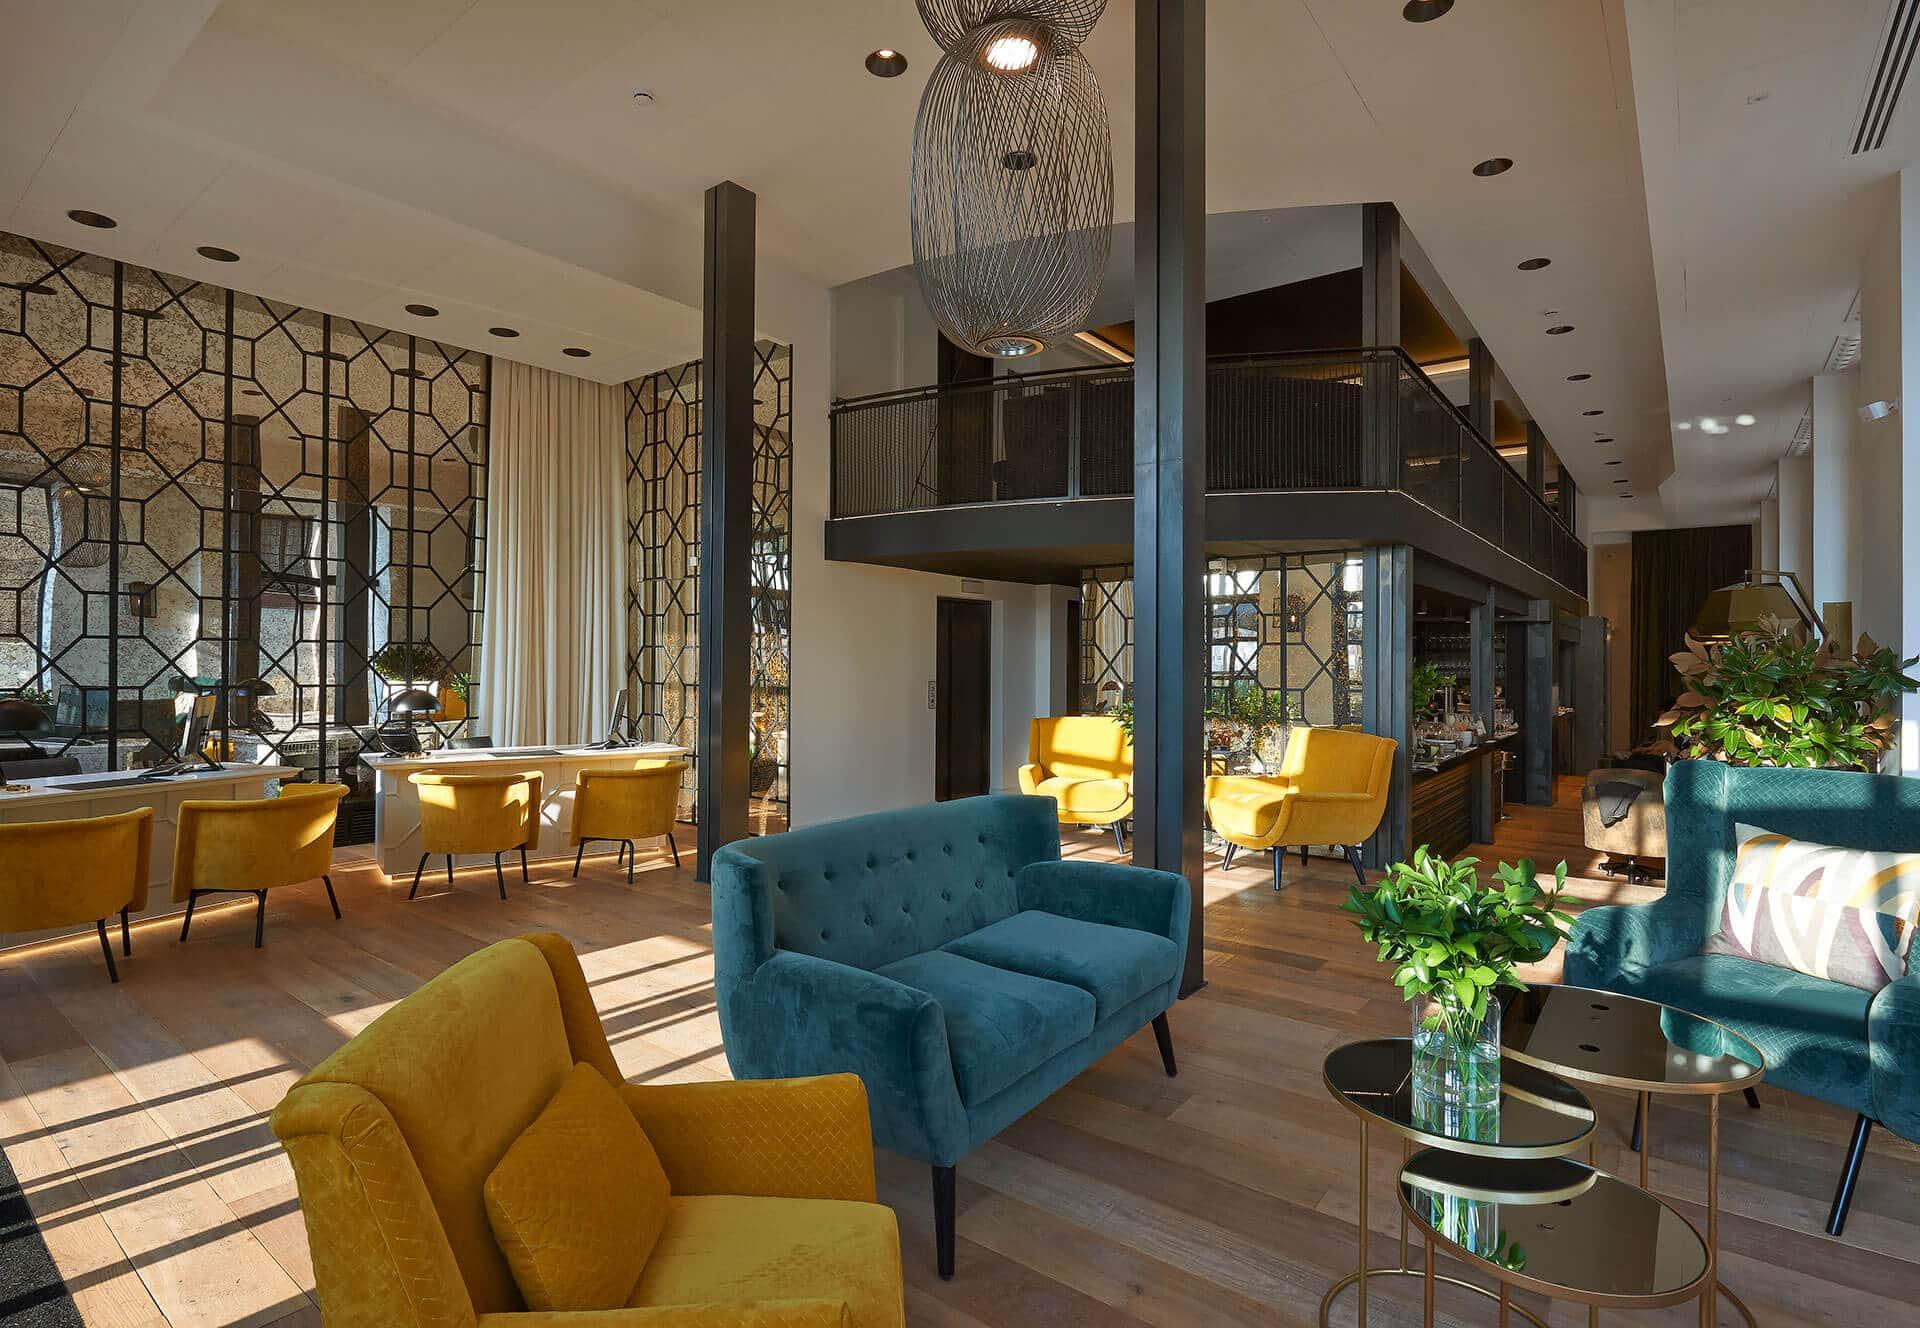 Melhores hotéis em Barcelona - Hotel The Serras